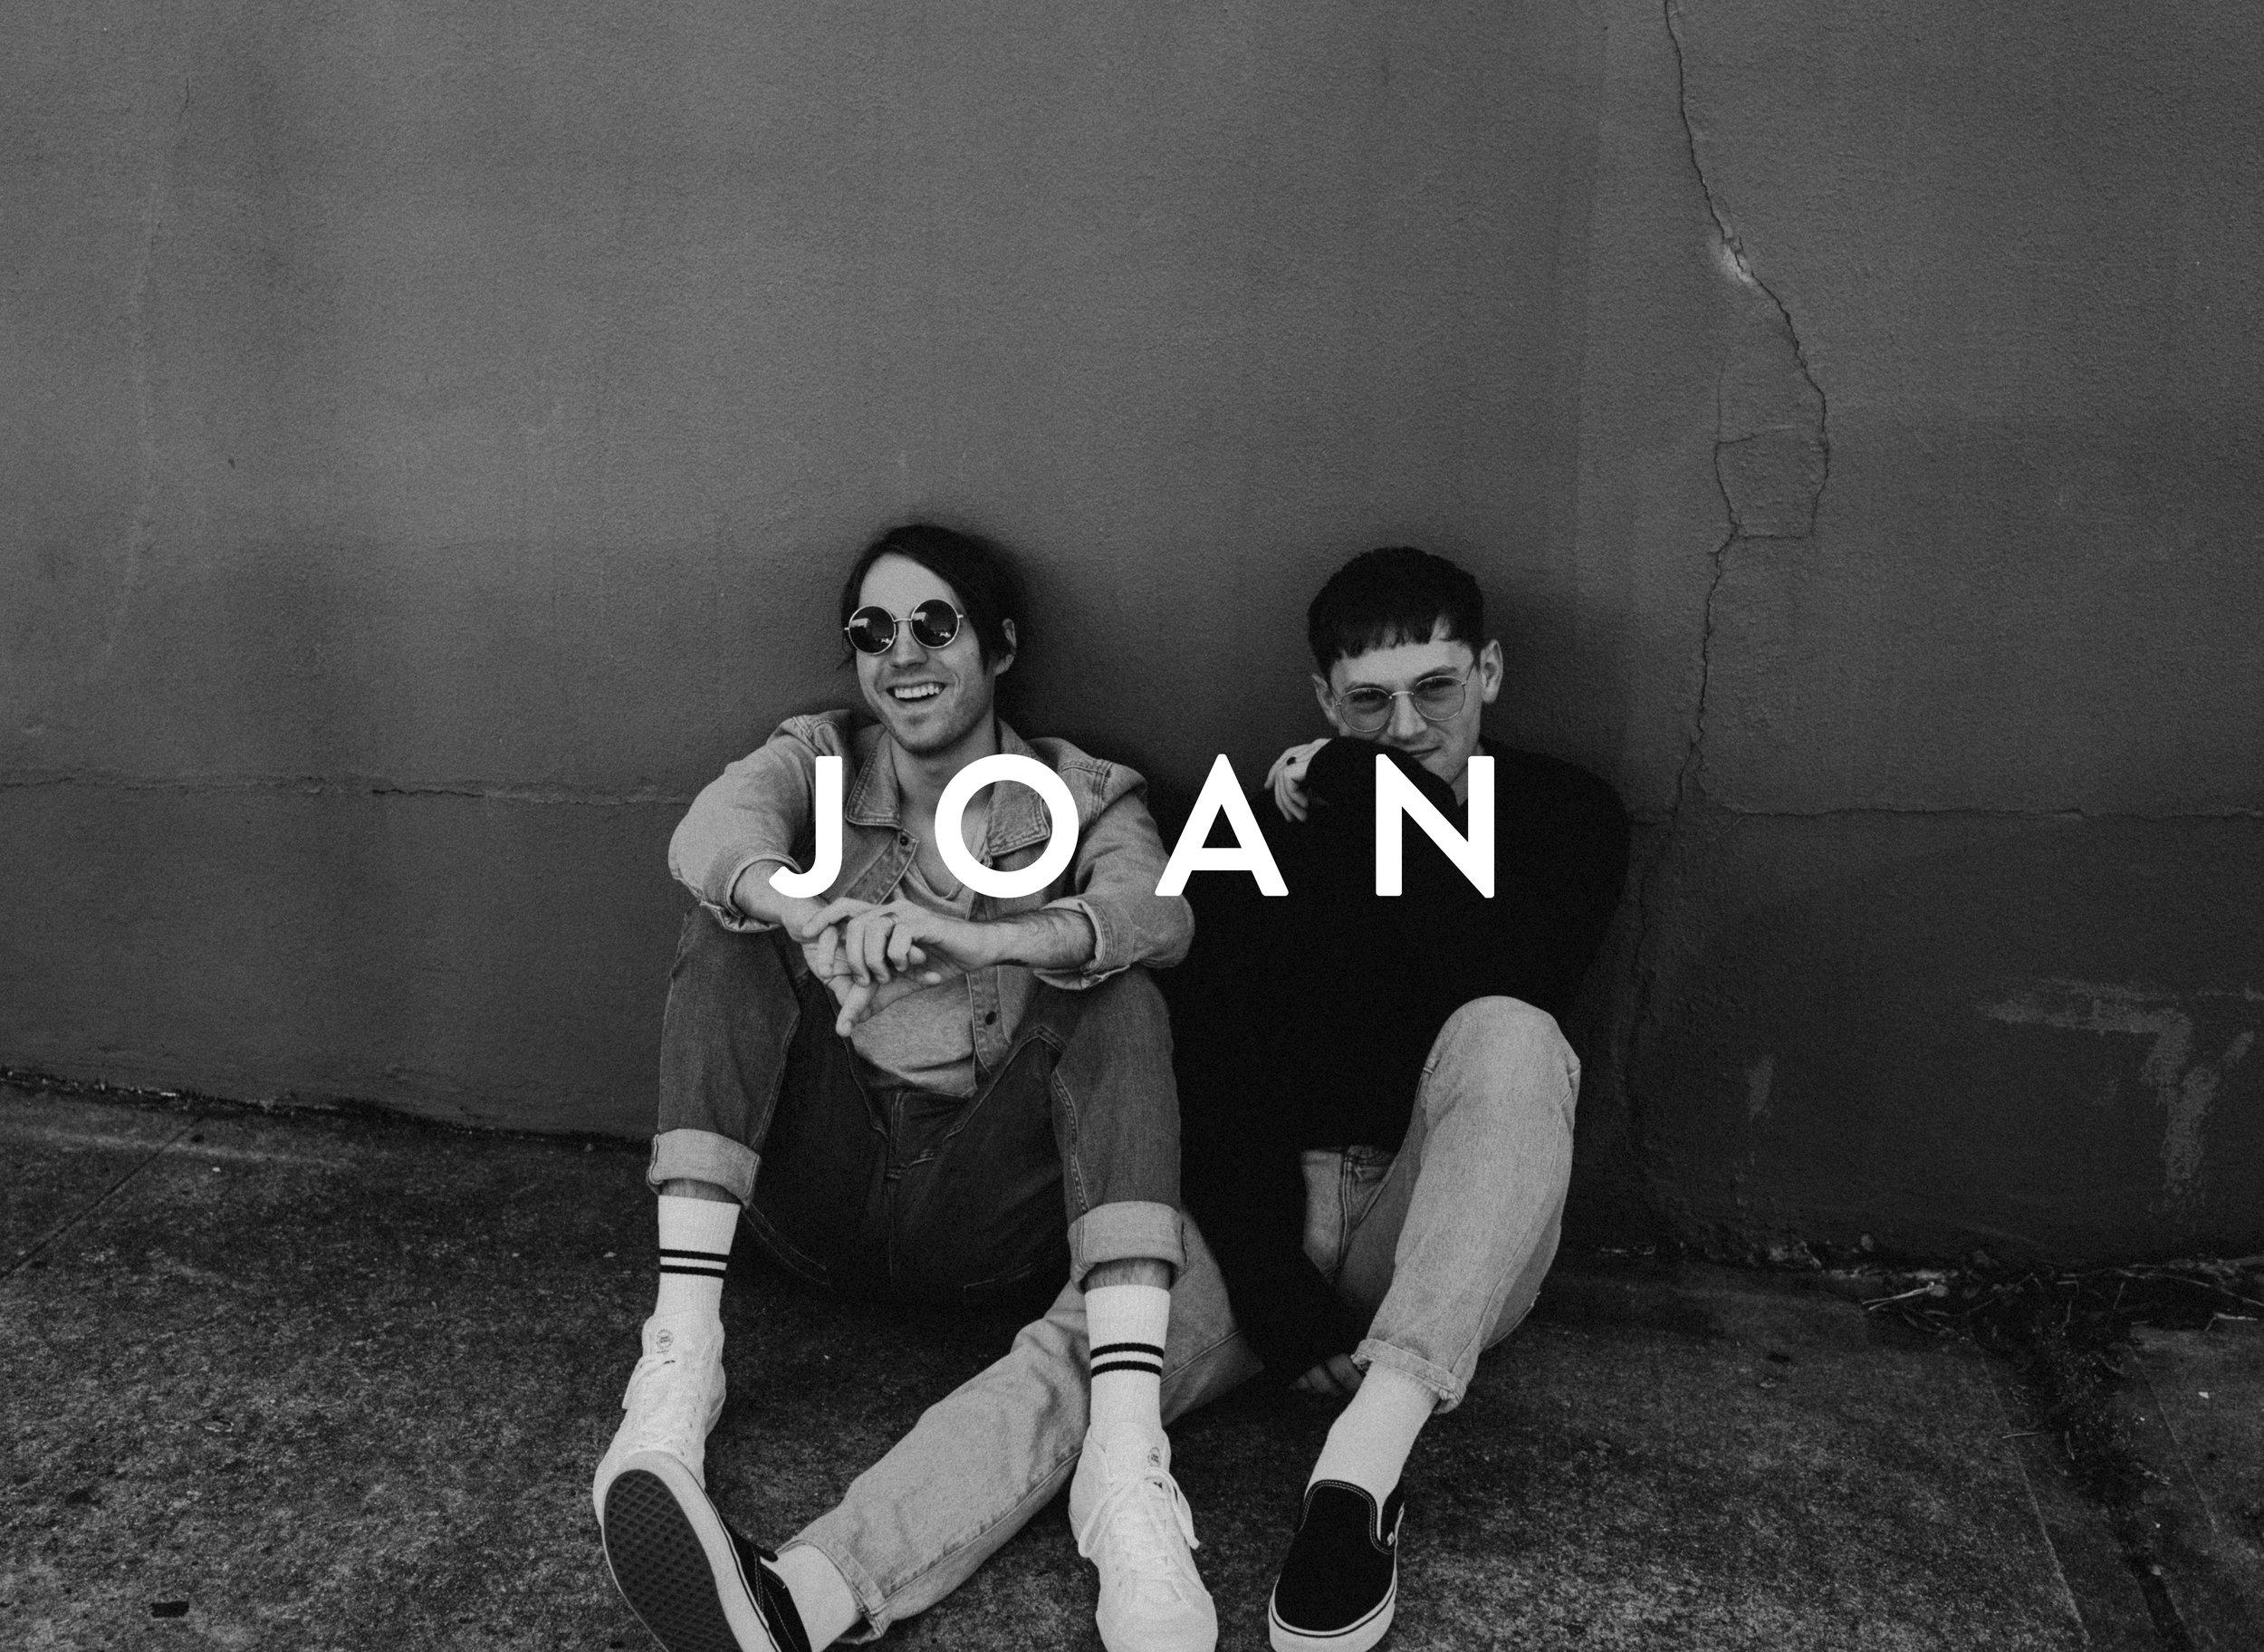 joan1.jpg